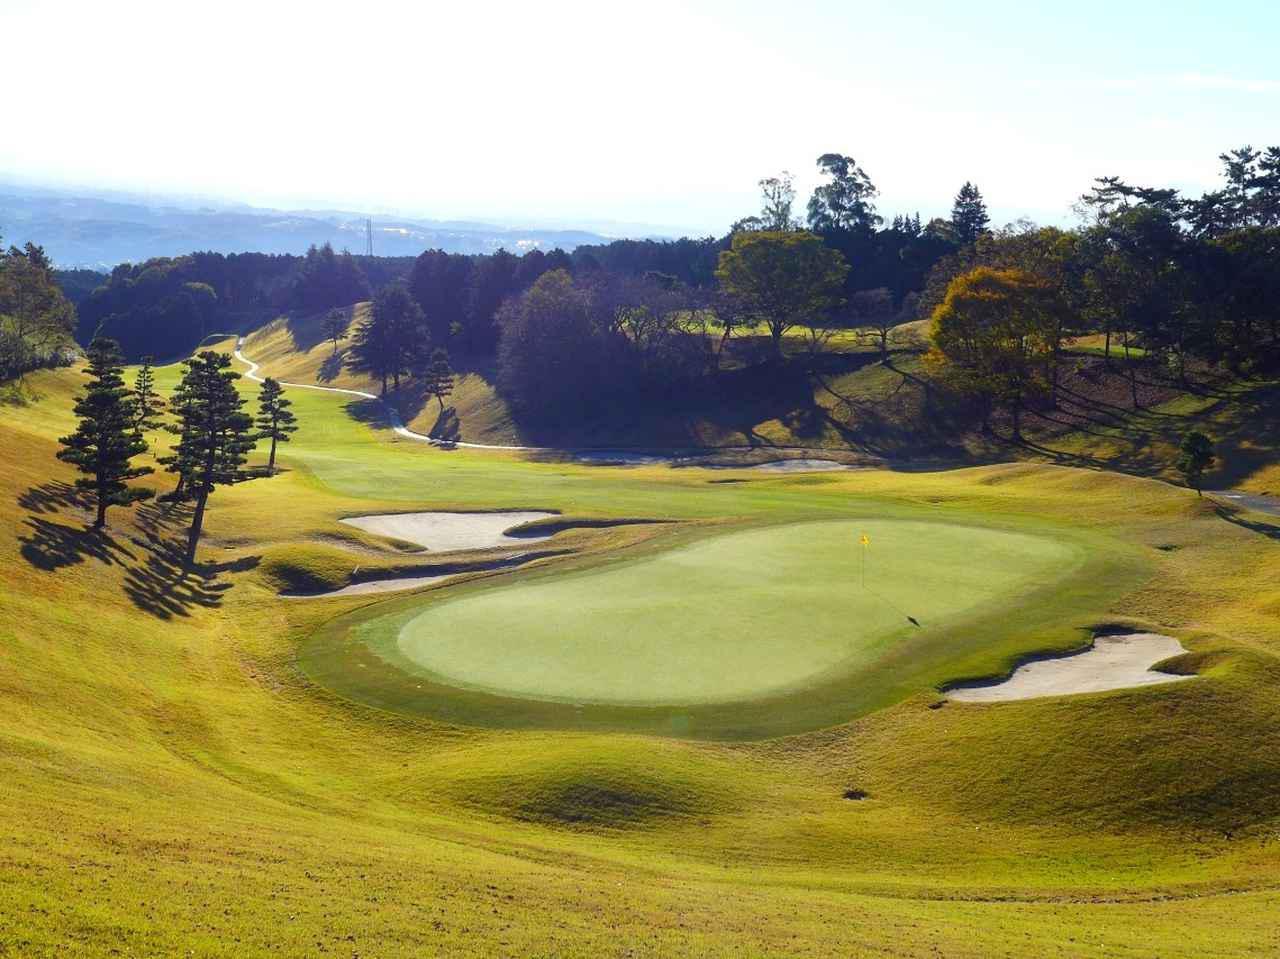 画像2: 桃園コース9番(556Y・P5) LPGAスタンレーレディスでは最終18番として使用。グリーン手前はバンカー群がガードする名物ホール